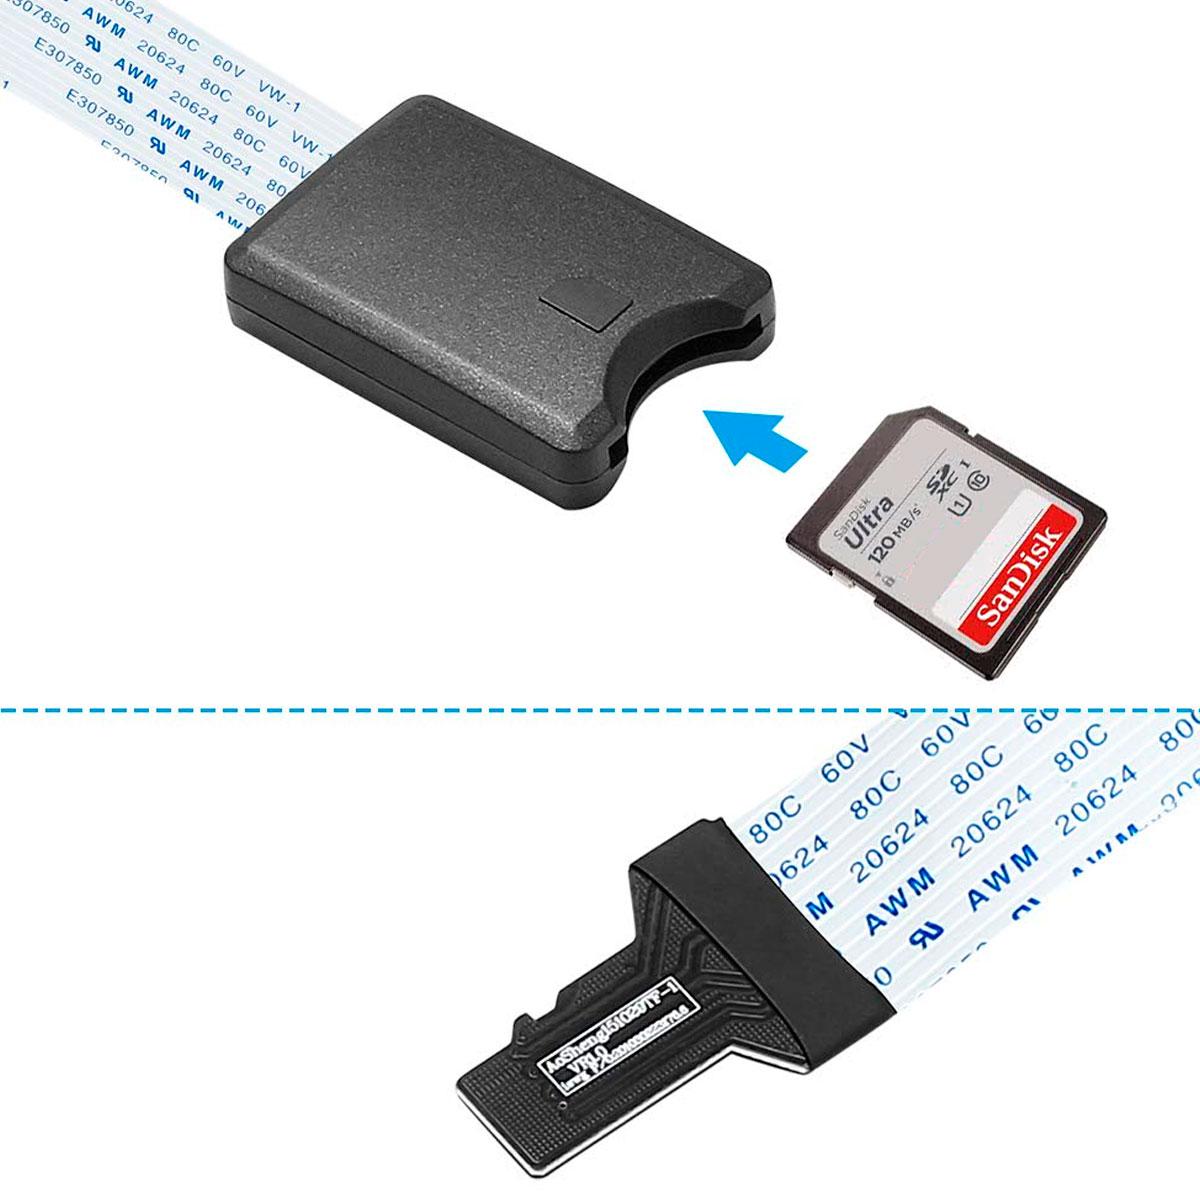 Cabo Extensor de 62 cm para Cartão SD Card para Raspberry, Impressora 3D